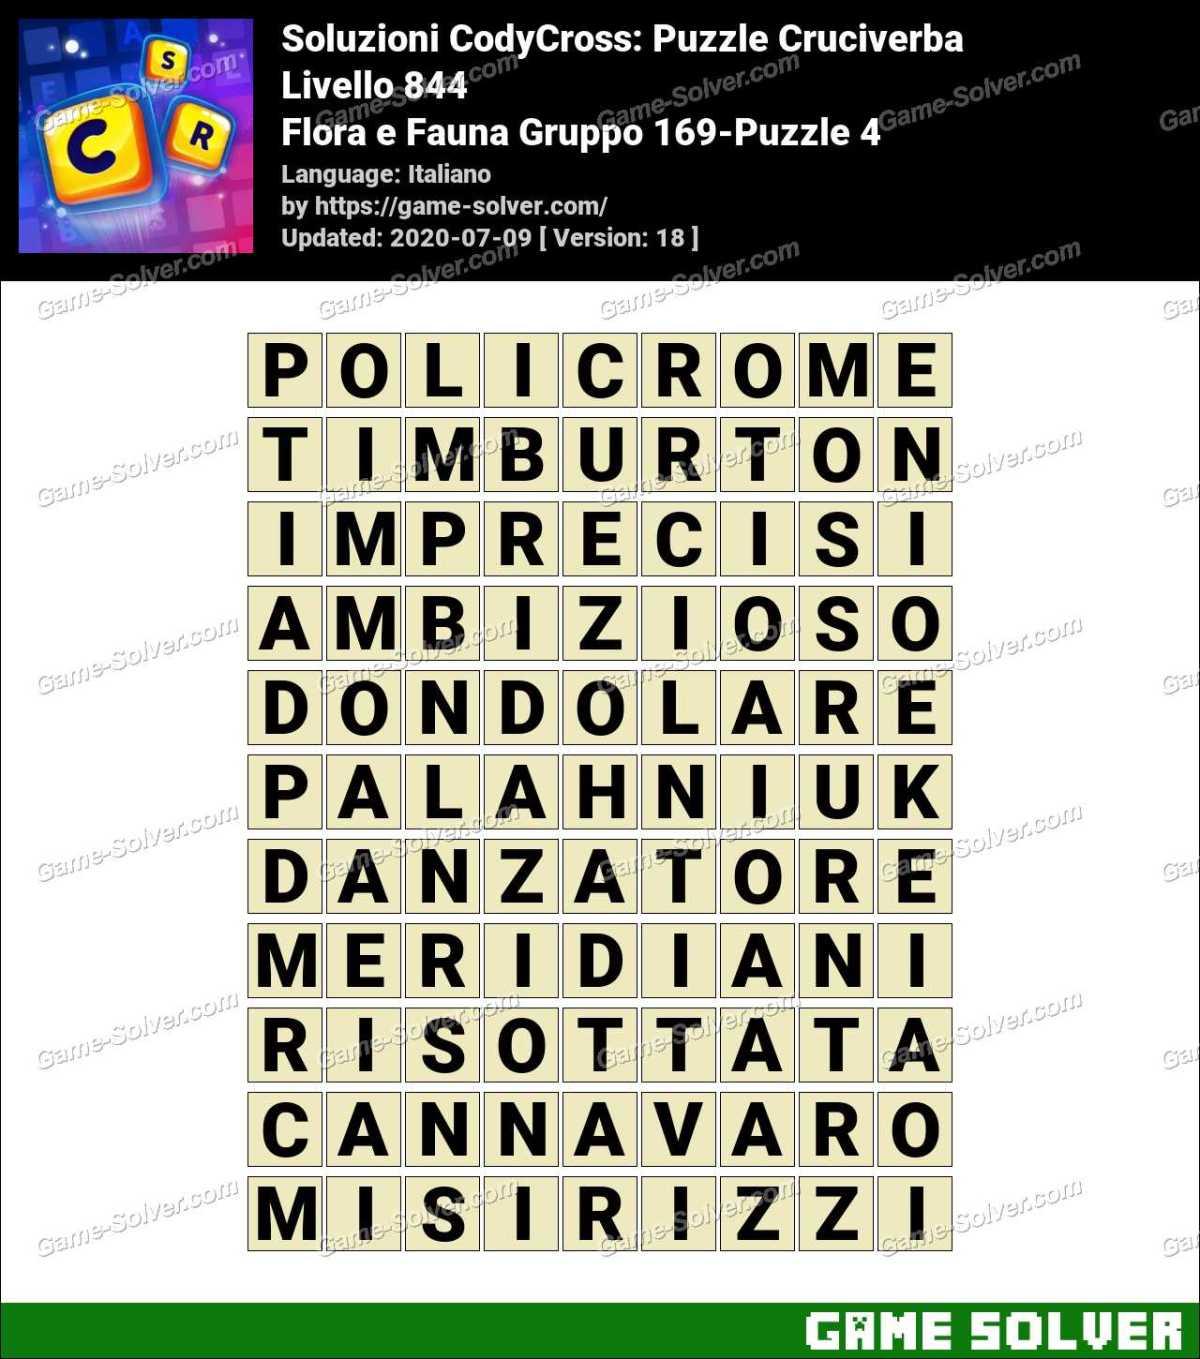 Soluzioni CodyCross Flora e Fauna Gruppo 169-Puzzle 4